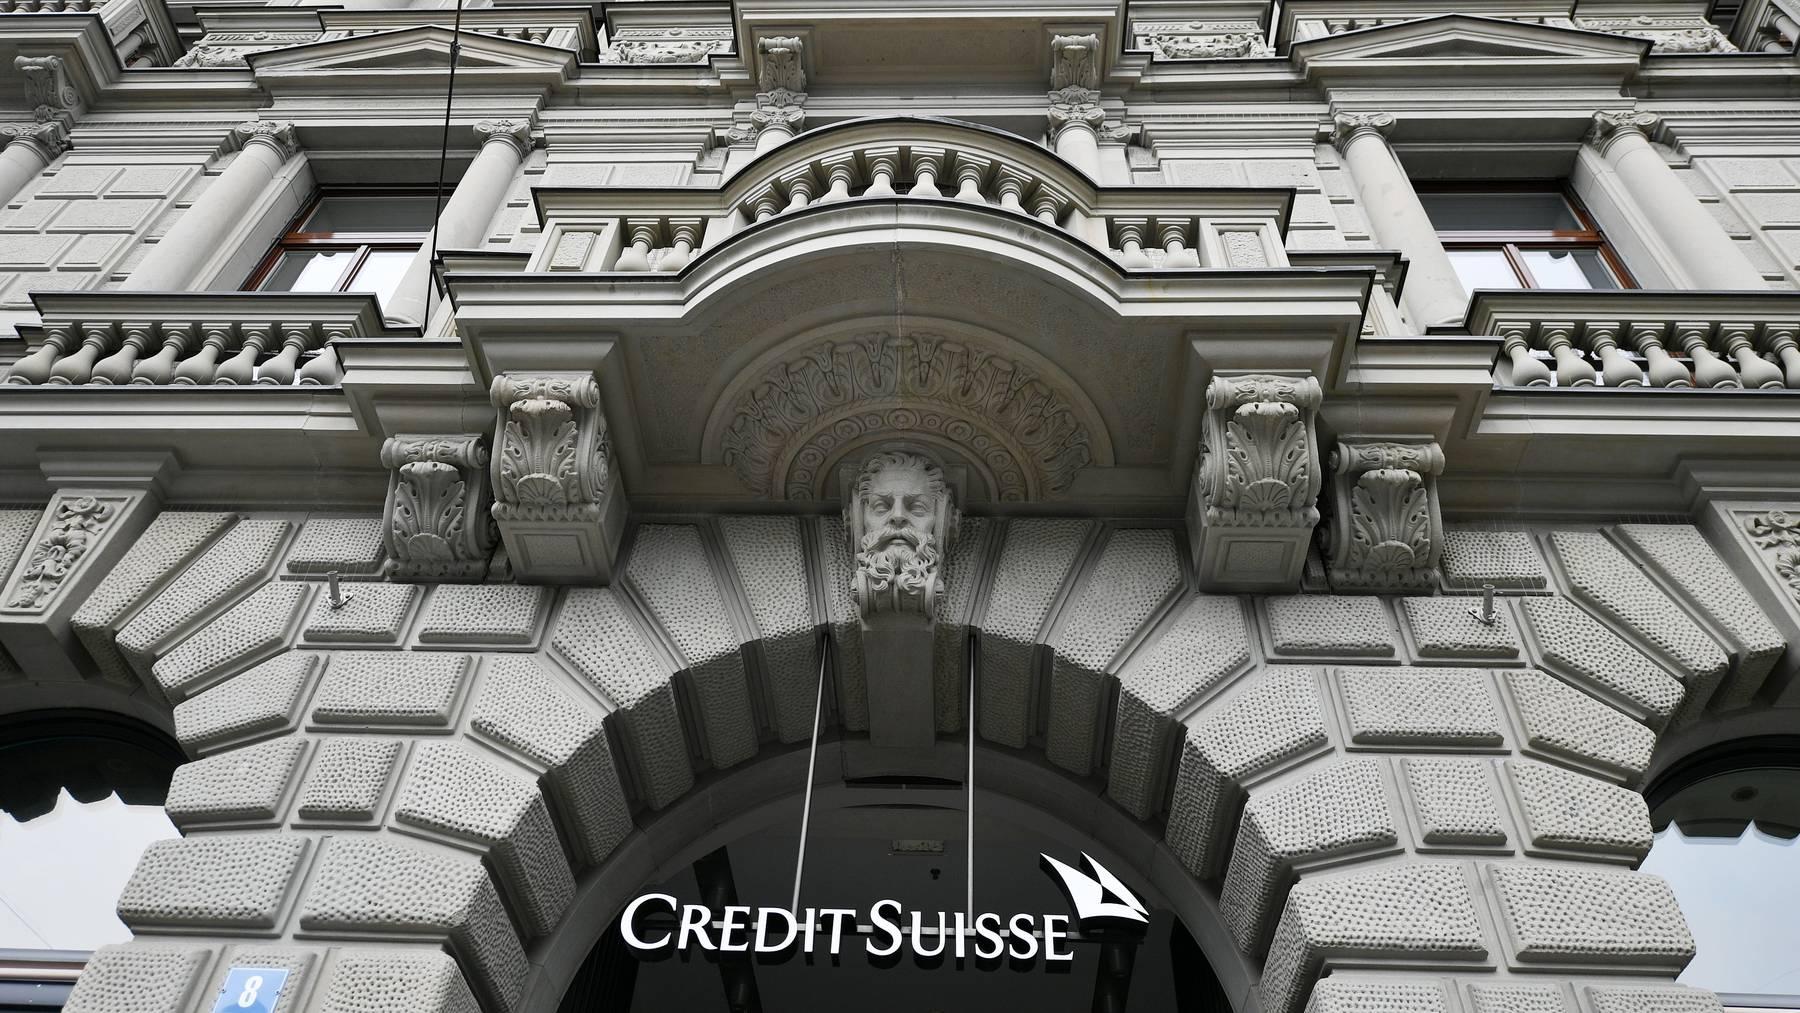 Die Credit Suisse will umstrukturieren und jährlich 400 Millionen Franken einsparen.